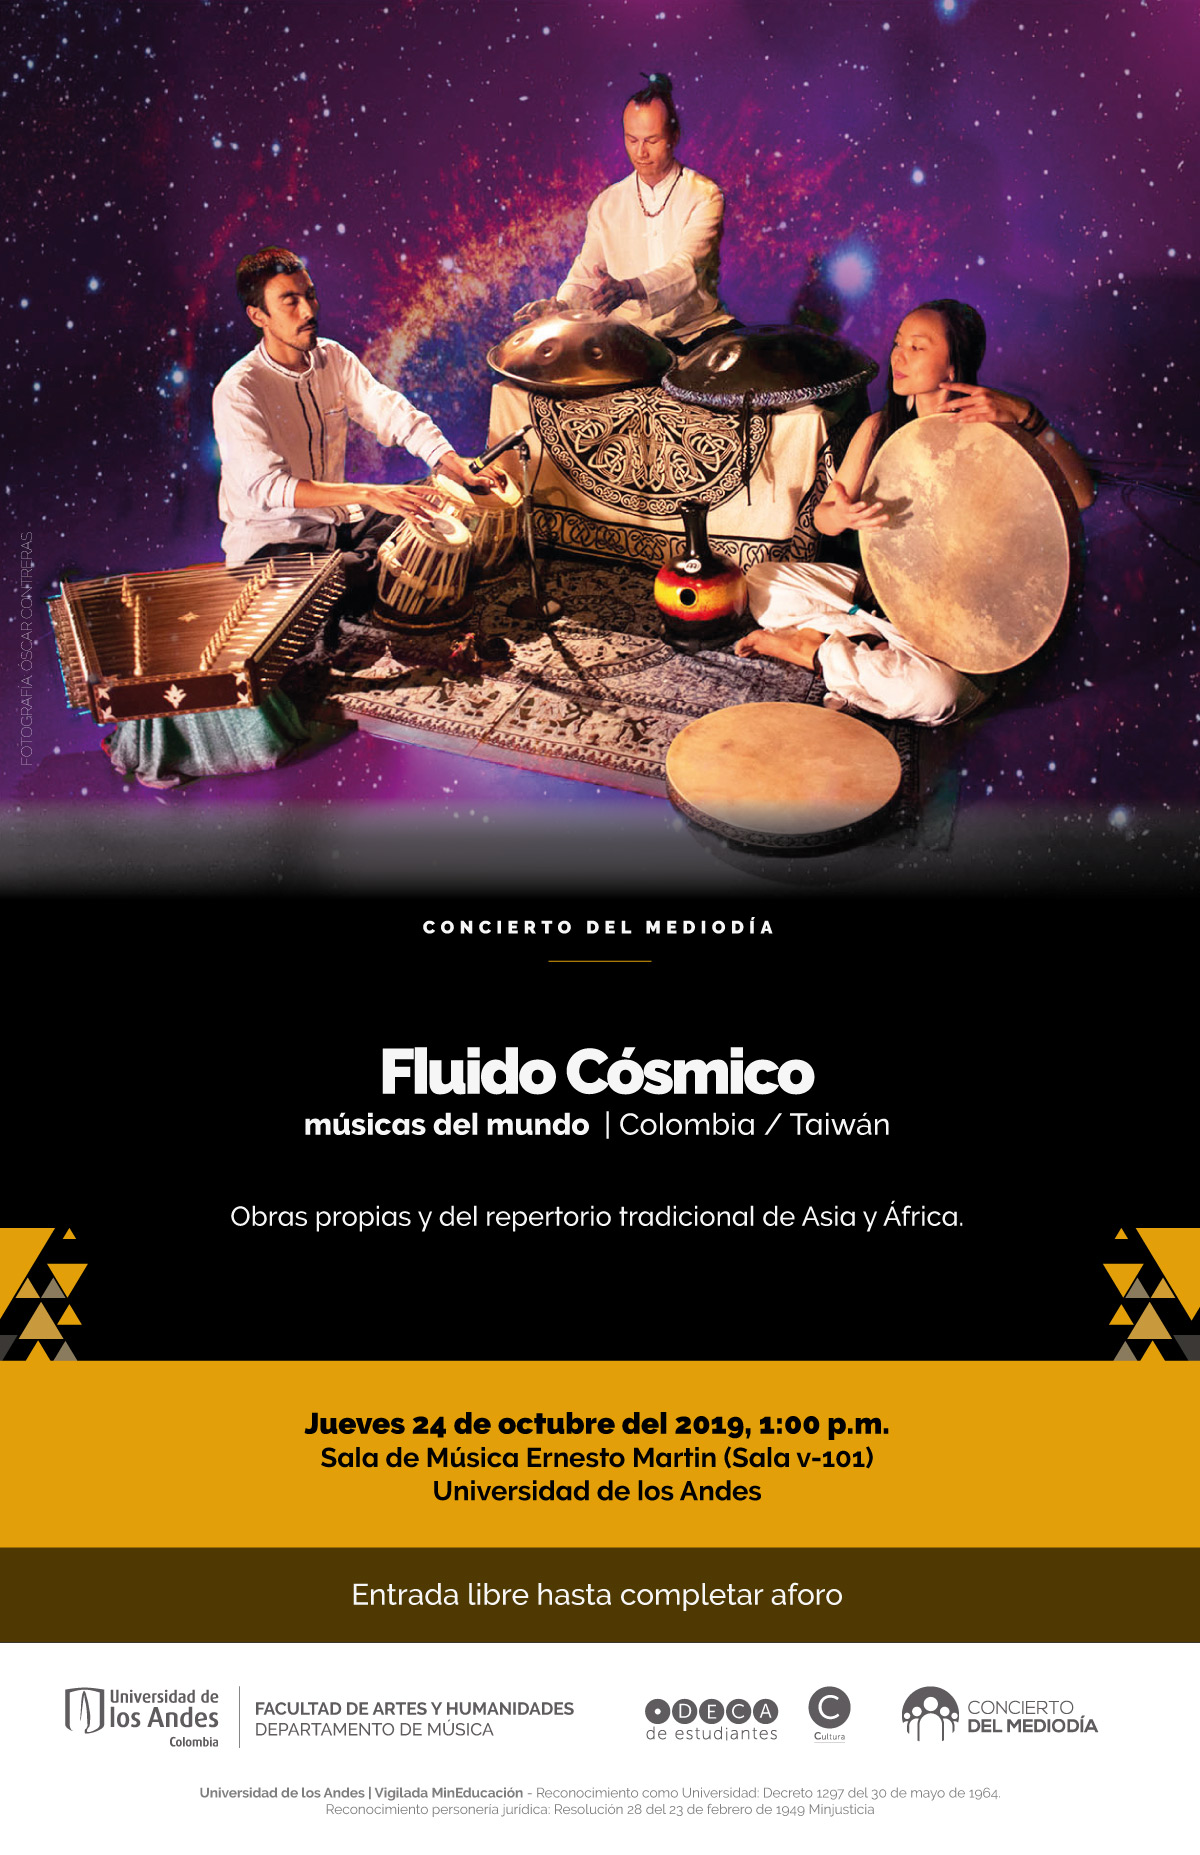 Concierto del mediodía: Fluido Cósmico (Colombia/Taiwán)